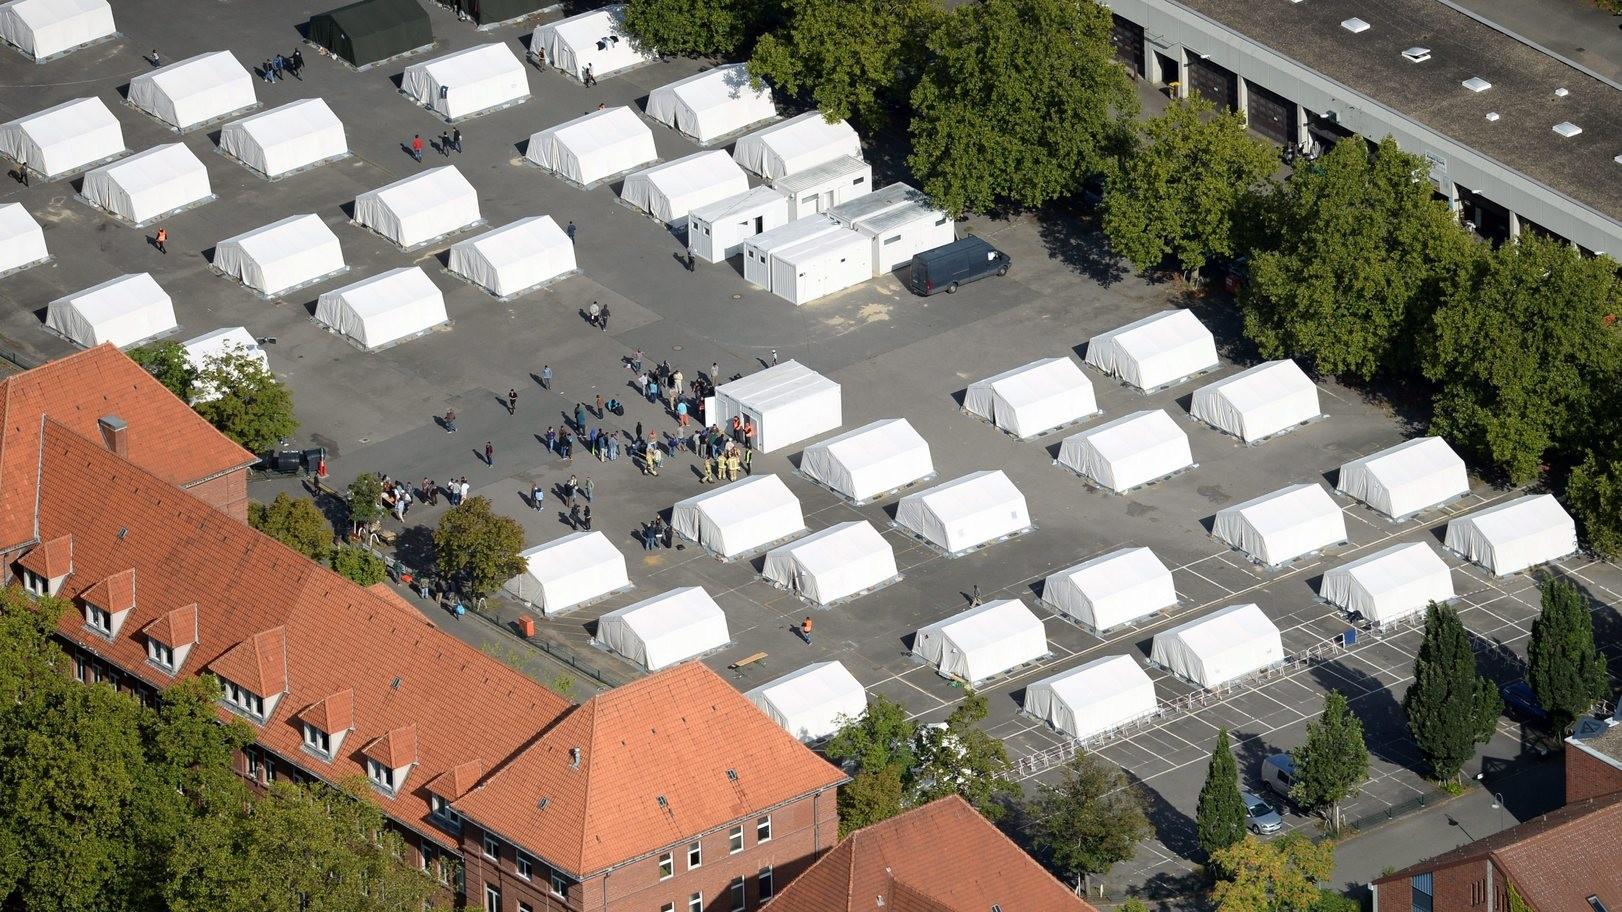 Migránsok befogadására kialakított sátortábor Berlinben (Fotó: MTI/EPA/Ralf Hirschberger)